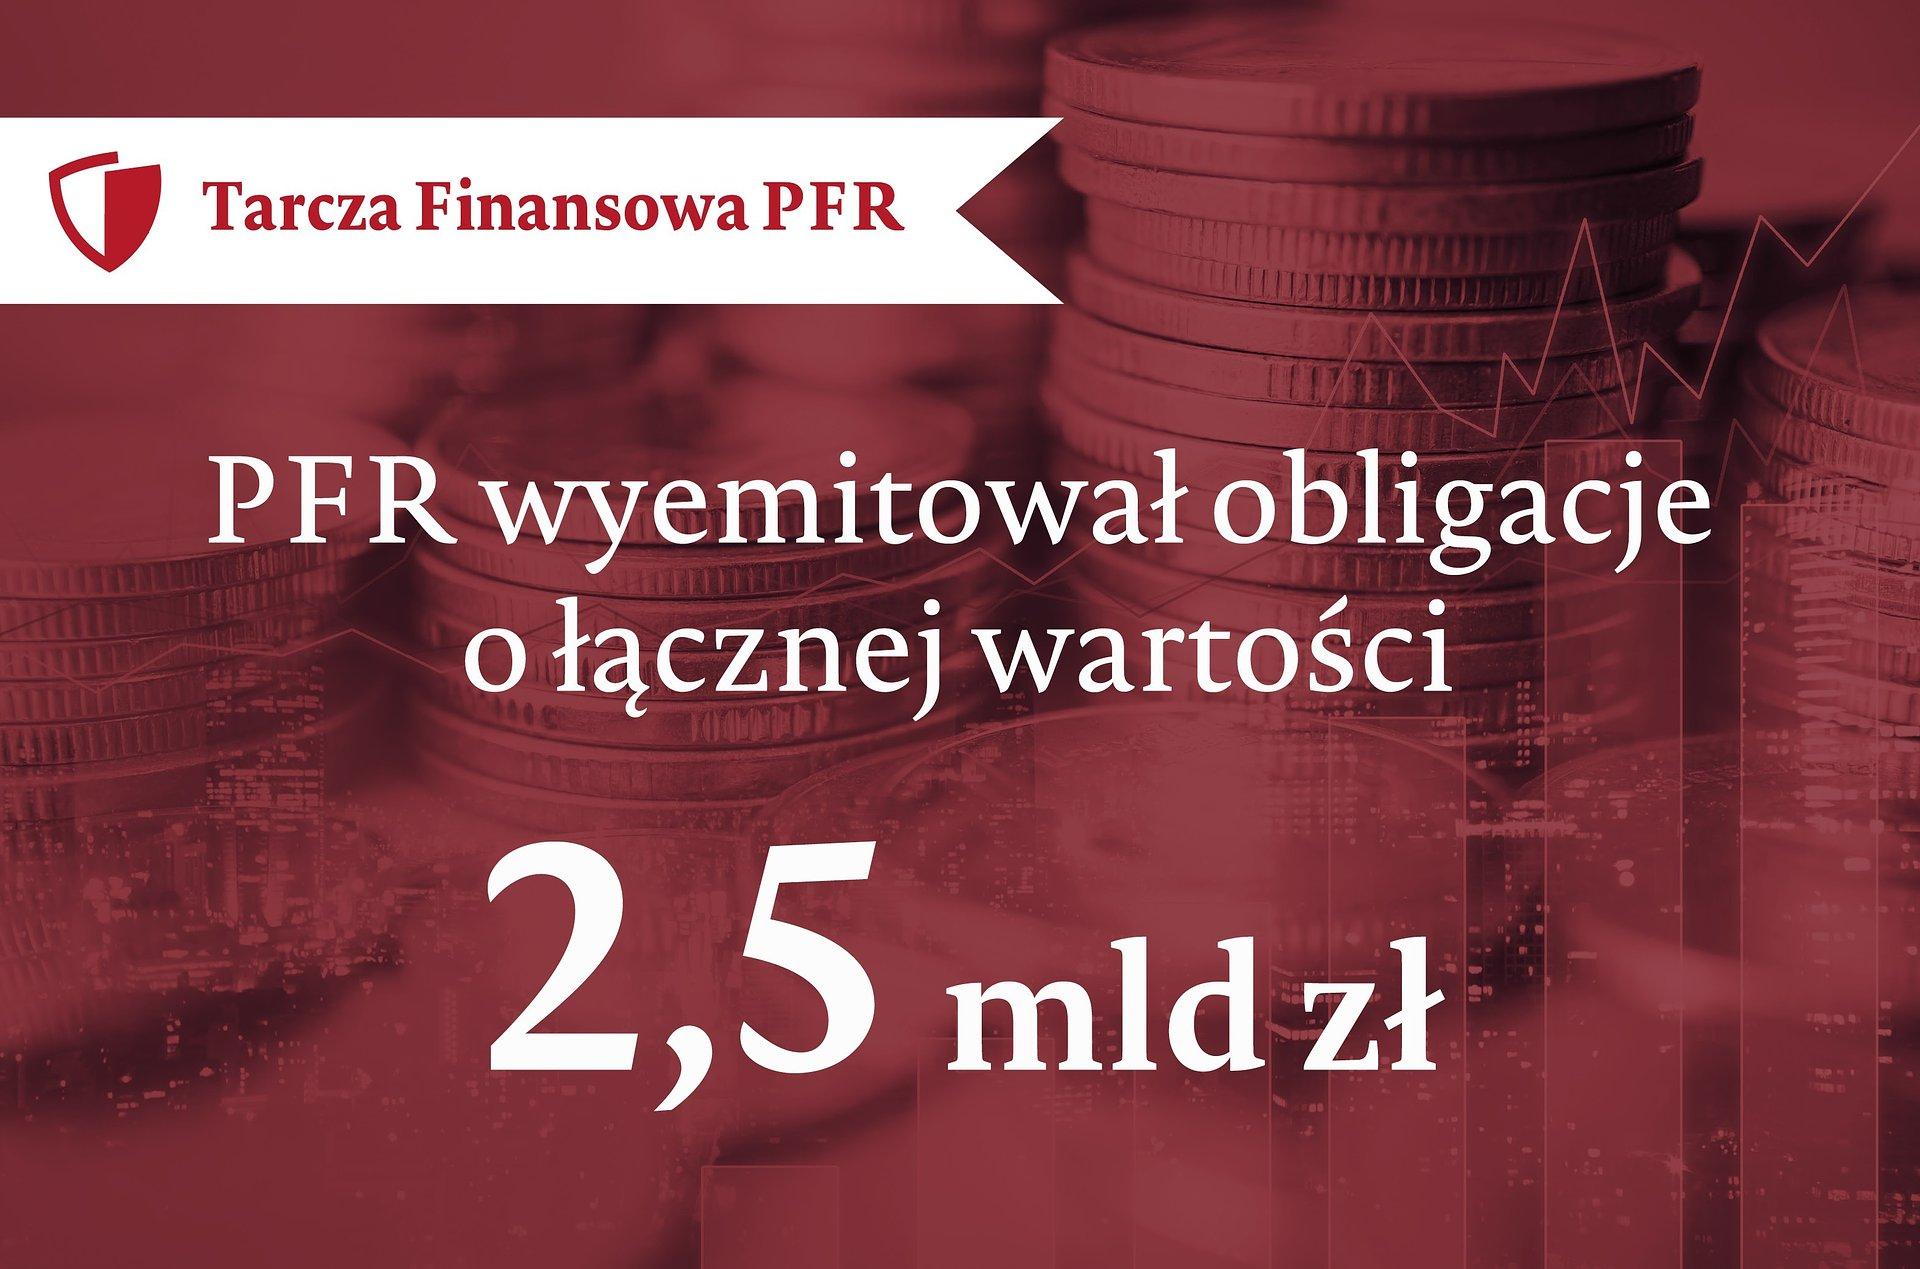 Polski Fundusz Rozwoju pozyskał w sumie 2,5 mld PLN z emisji obligacji